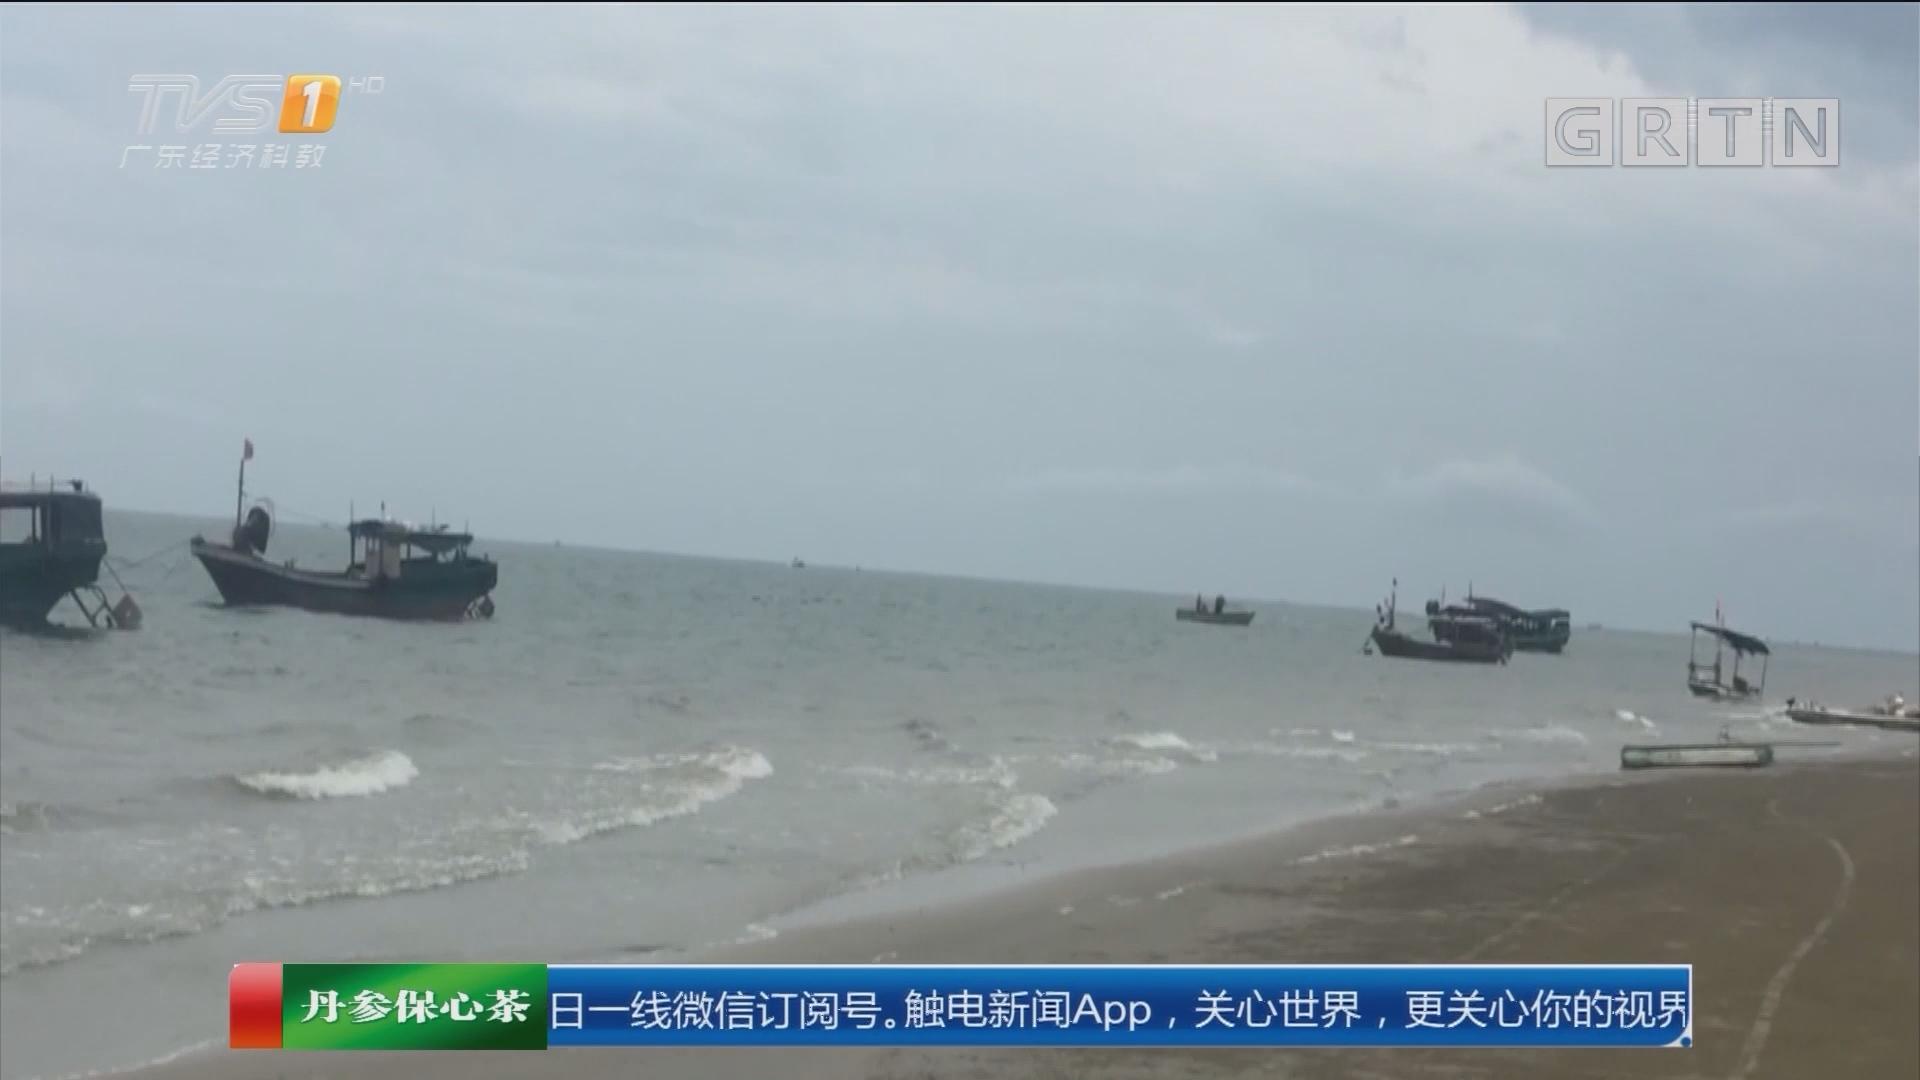 一线独家调查:渔船随意出海作业 渔政只驱不抓?